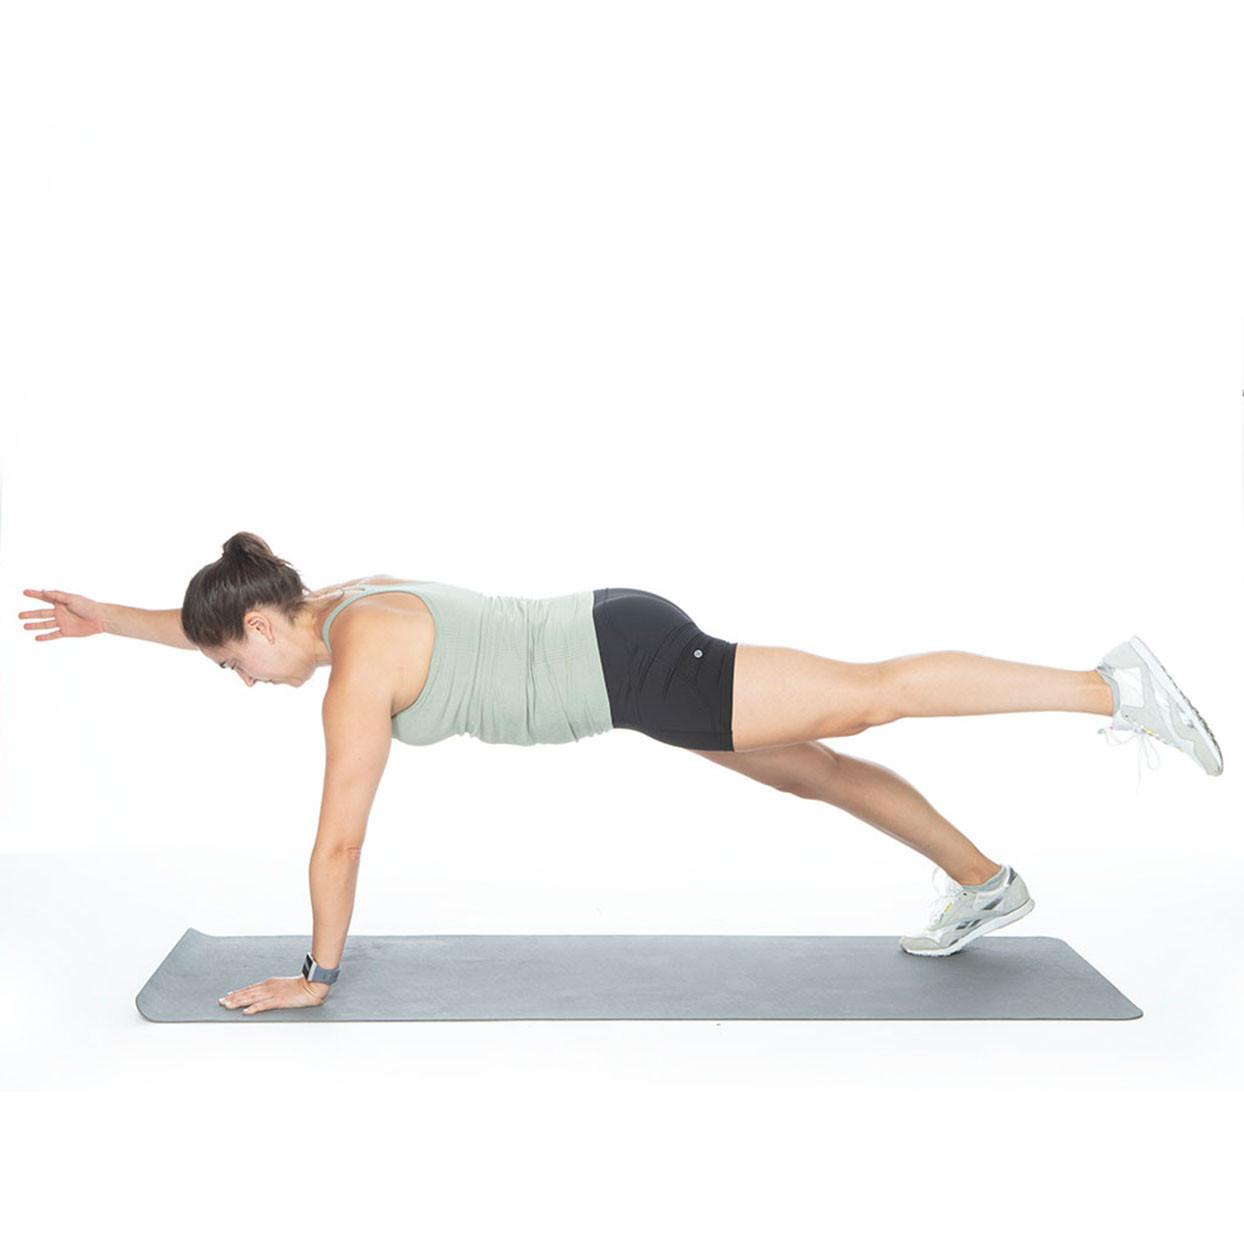 تمارين شد الجسم - التمرين الأول لشد البطن